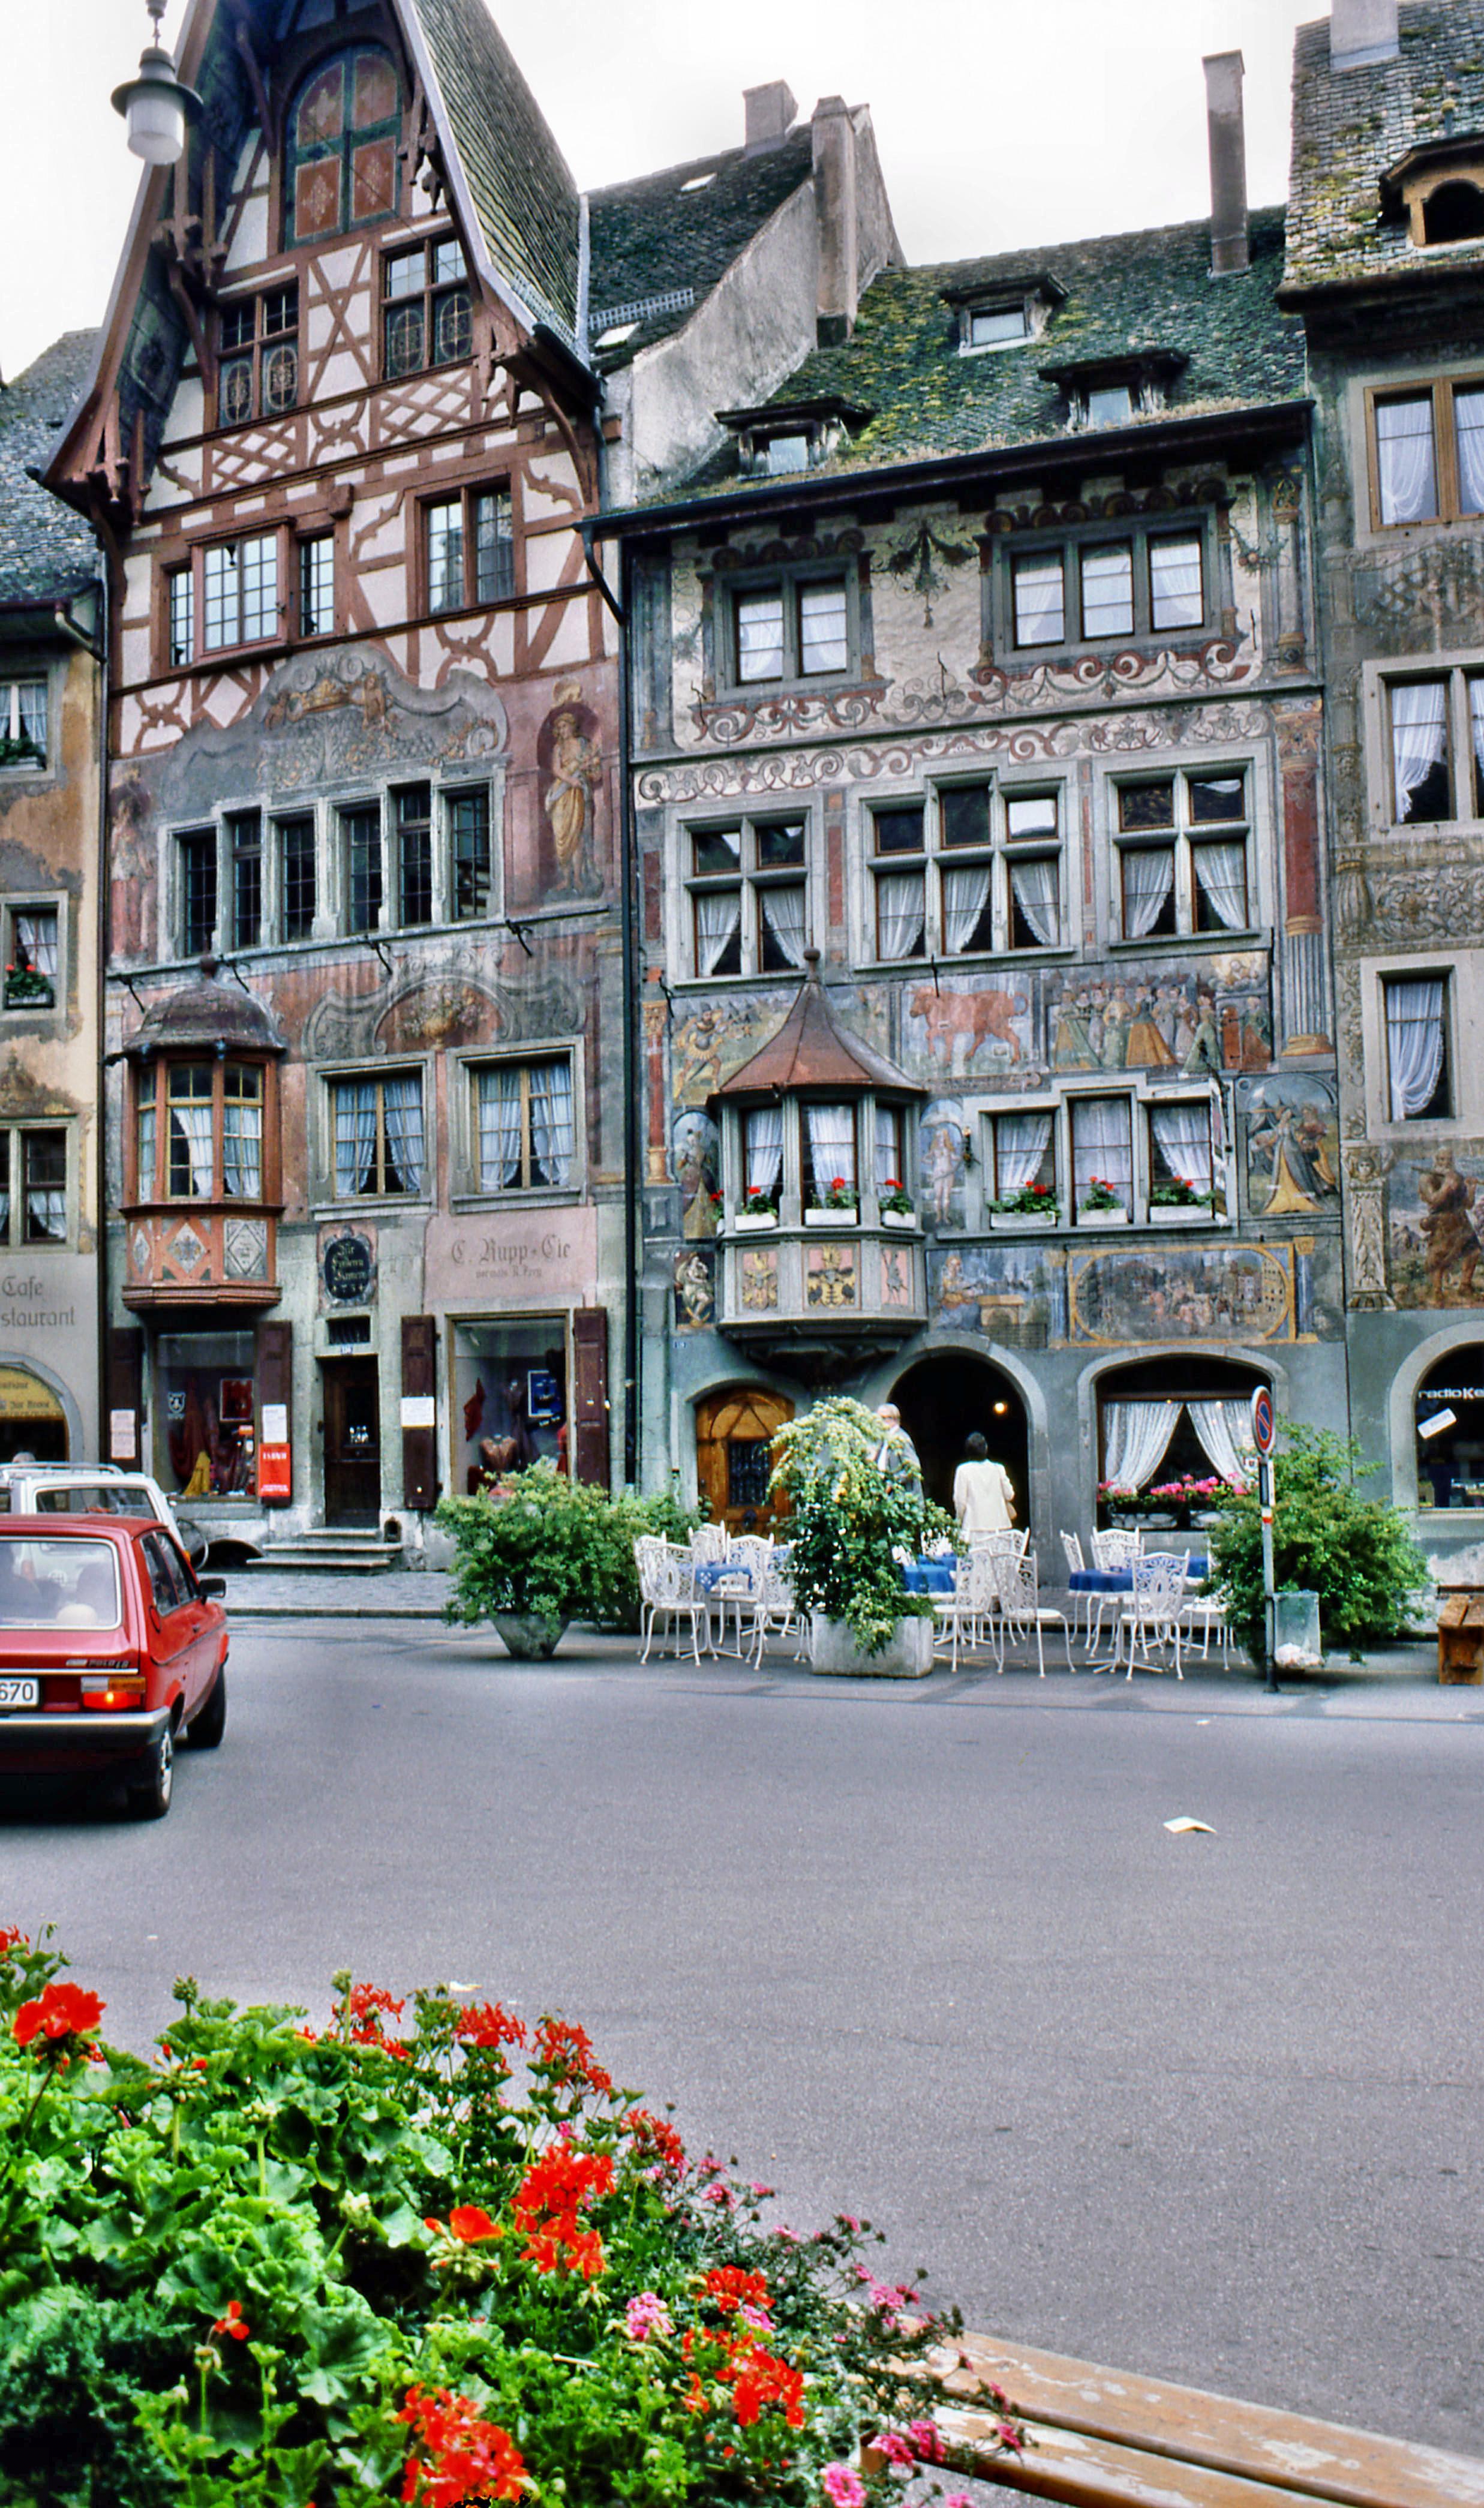 Stein-am-Rhein-1.jpeg